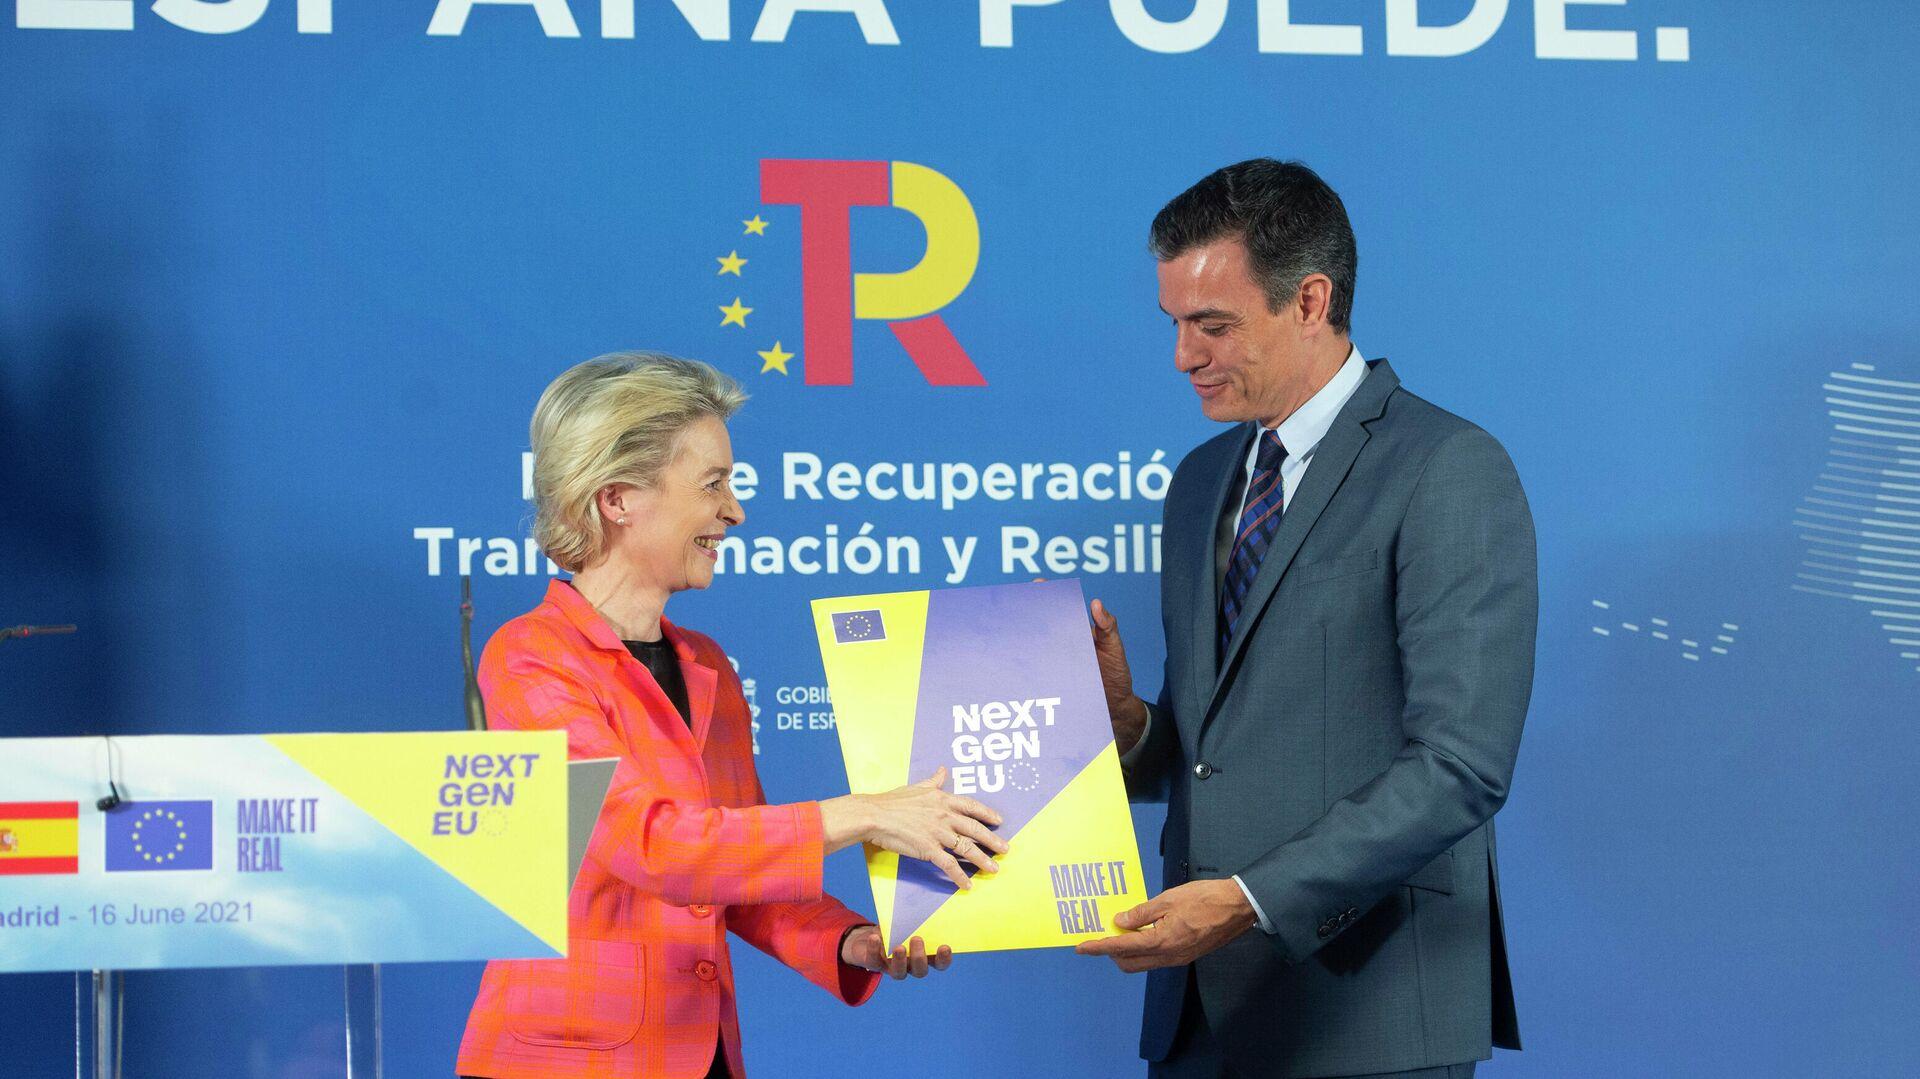 La presidenta de la Comisión Europea, Ursula von der Leyen y el presidente del Gobierno de España, Pedro Sánchez, junto al Plan de Recuperación, Transformación y Resiliencia español - Sputnik Mundo, 1920, 16.06.2021